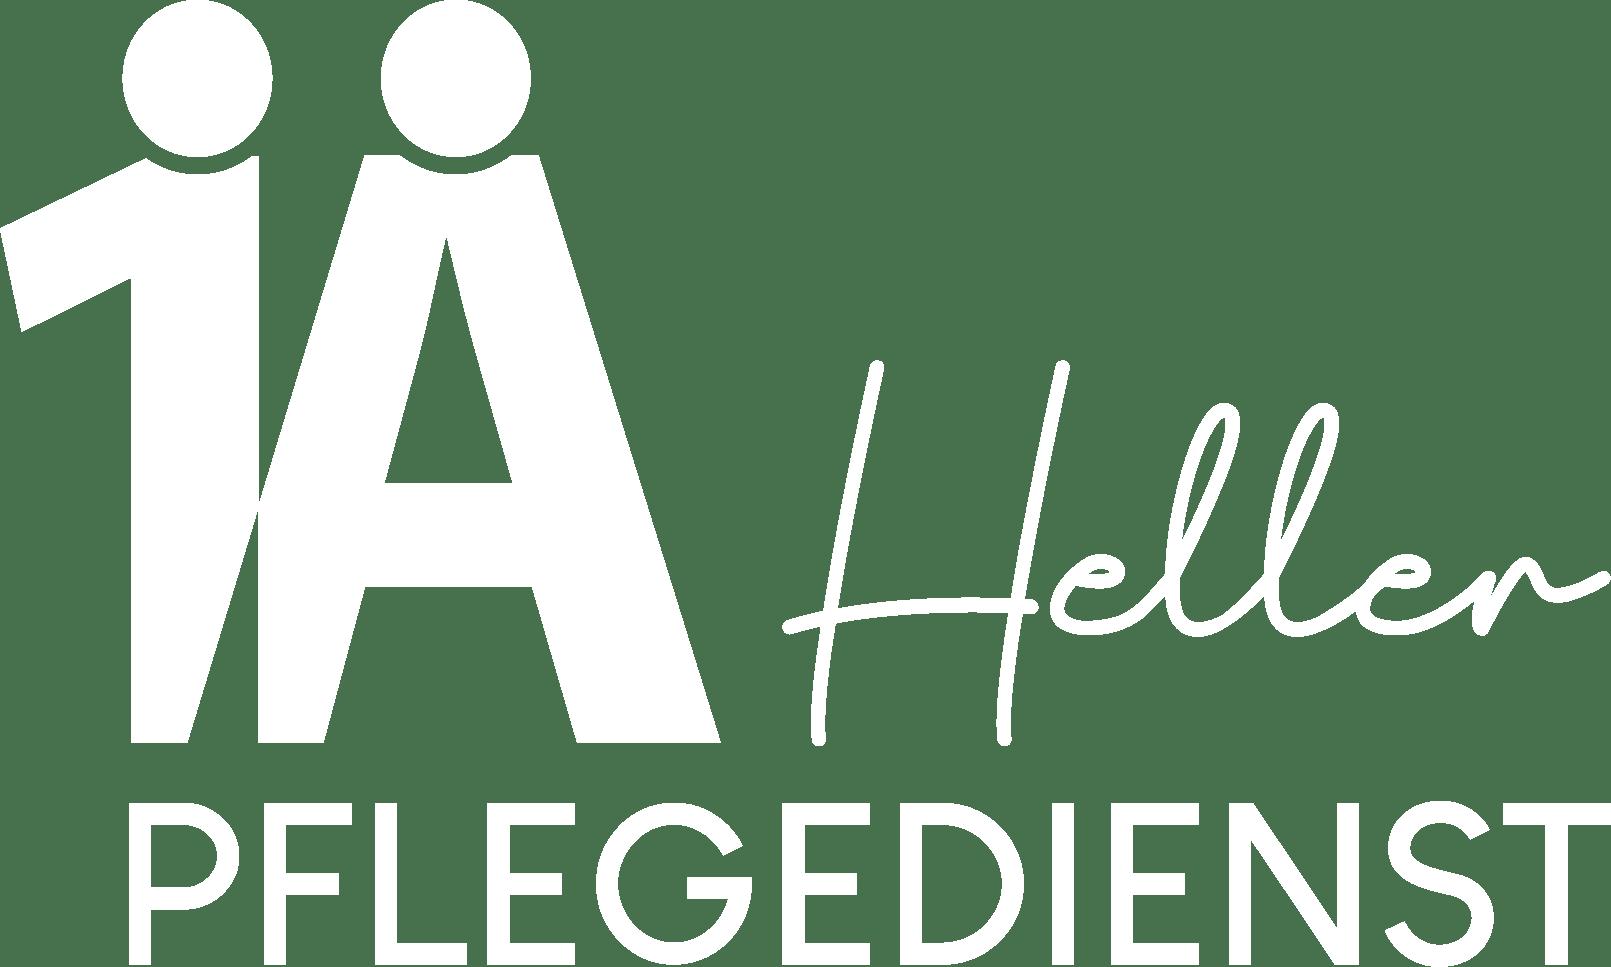 1A Pflege Heller